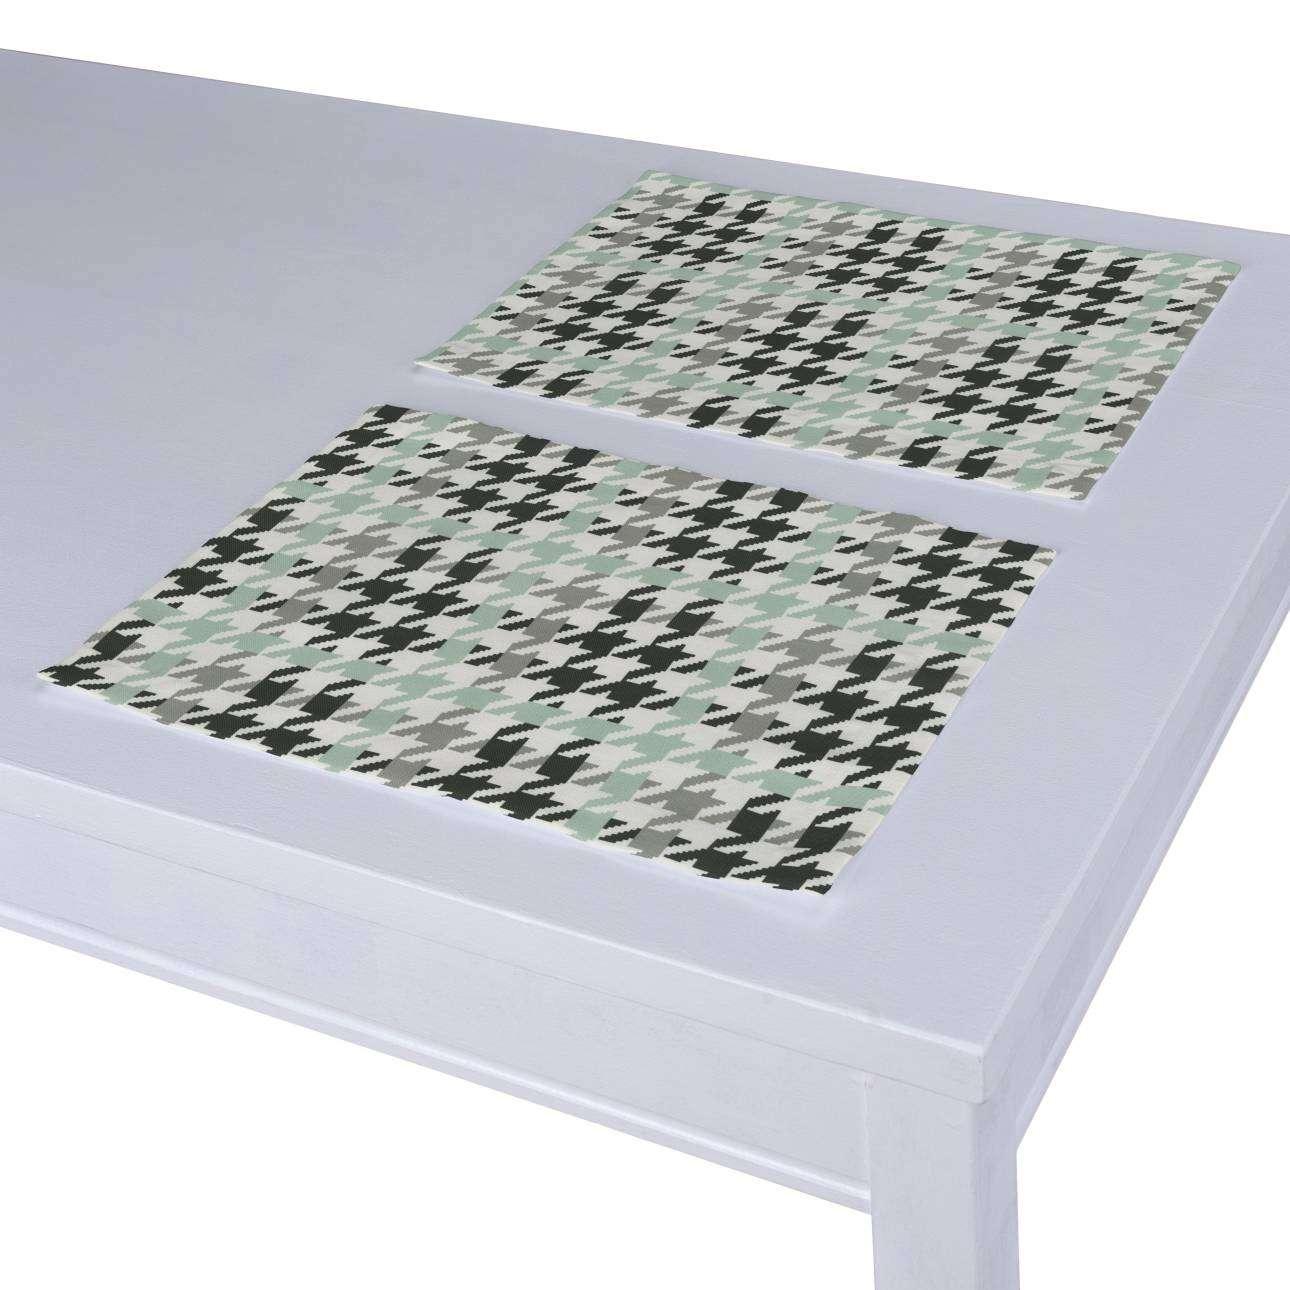 Stalo servetėlės/stalo padėkliukai – 2 vnt. 30 x 40 cm kolekcijoje Brooklyn, audinys: 137-77